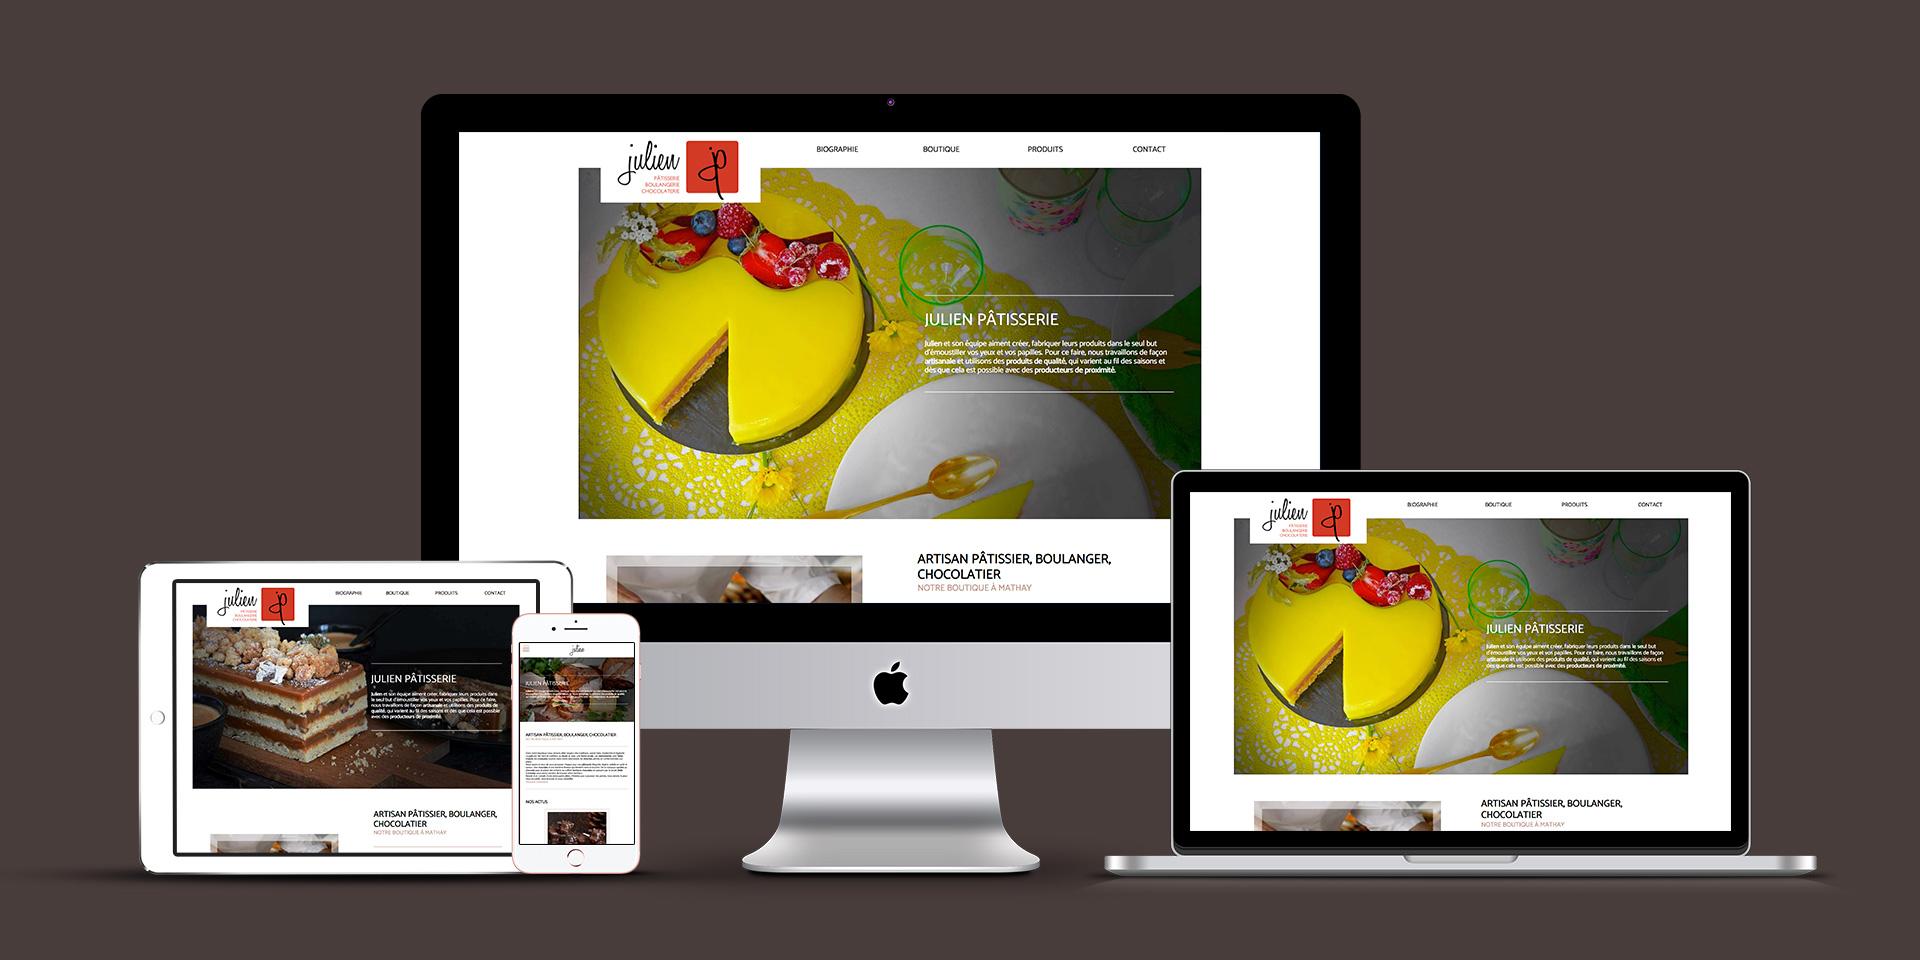 Mise en situation du site internet de Julien pâtisserie sur ordinateur, tablette et téléphone portable